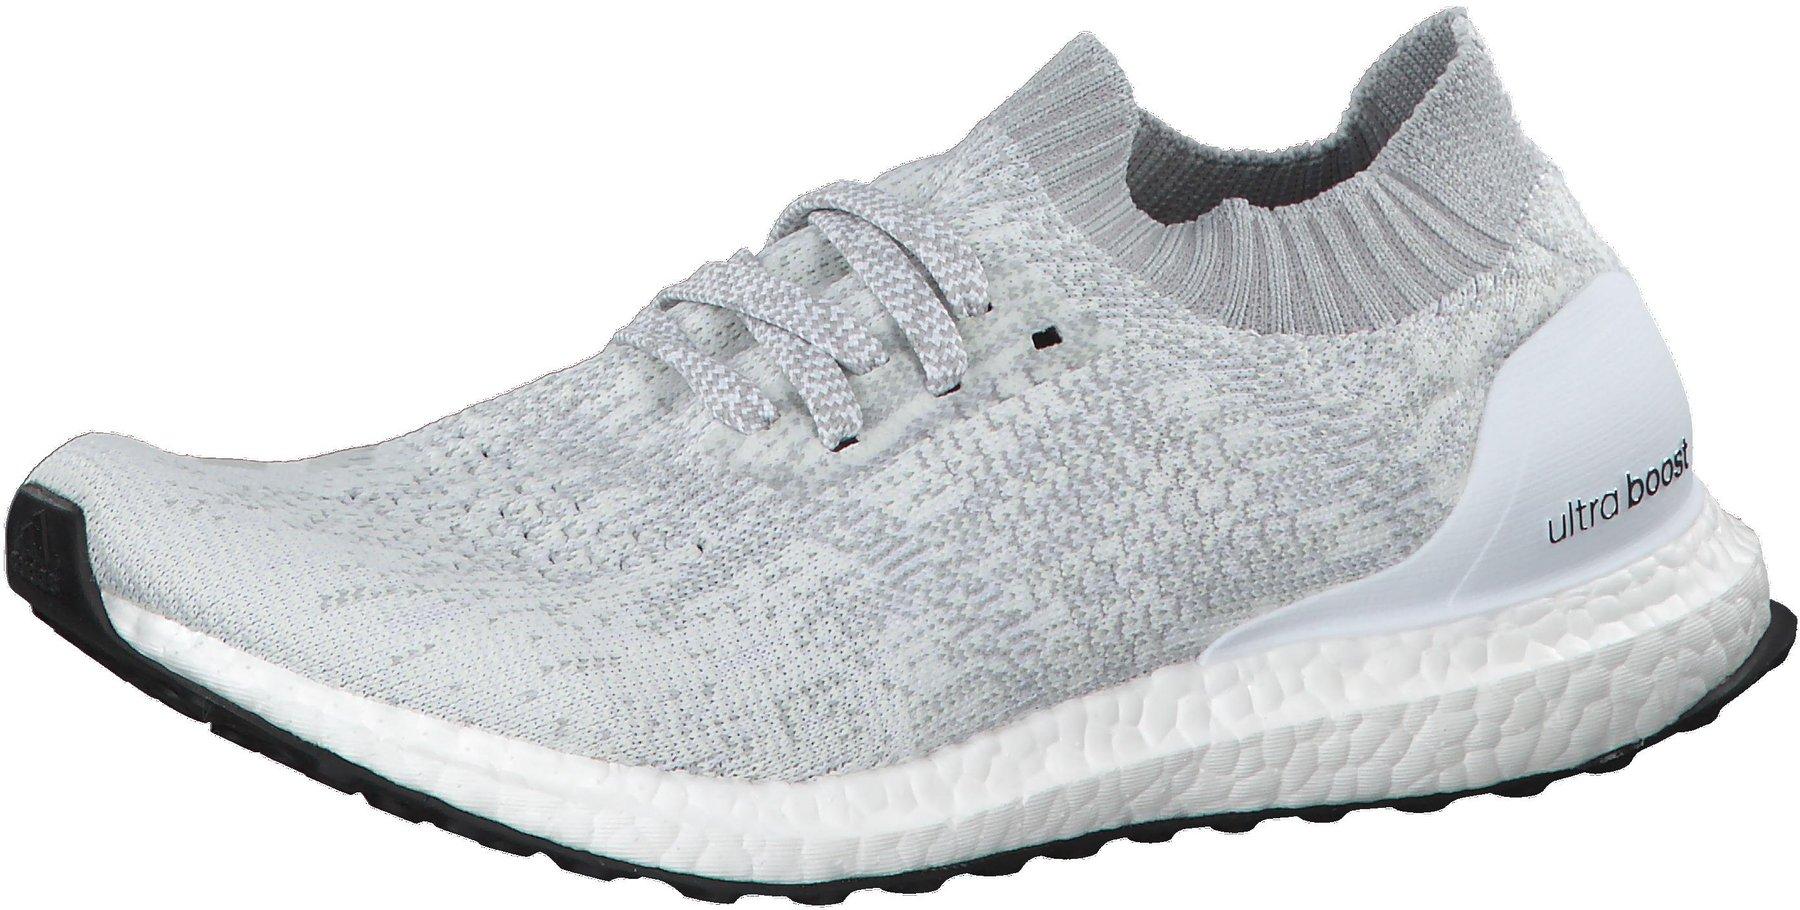 Adidas Ultra Boost Uncaged Laufschuhe Herren